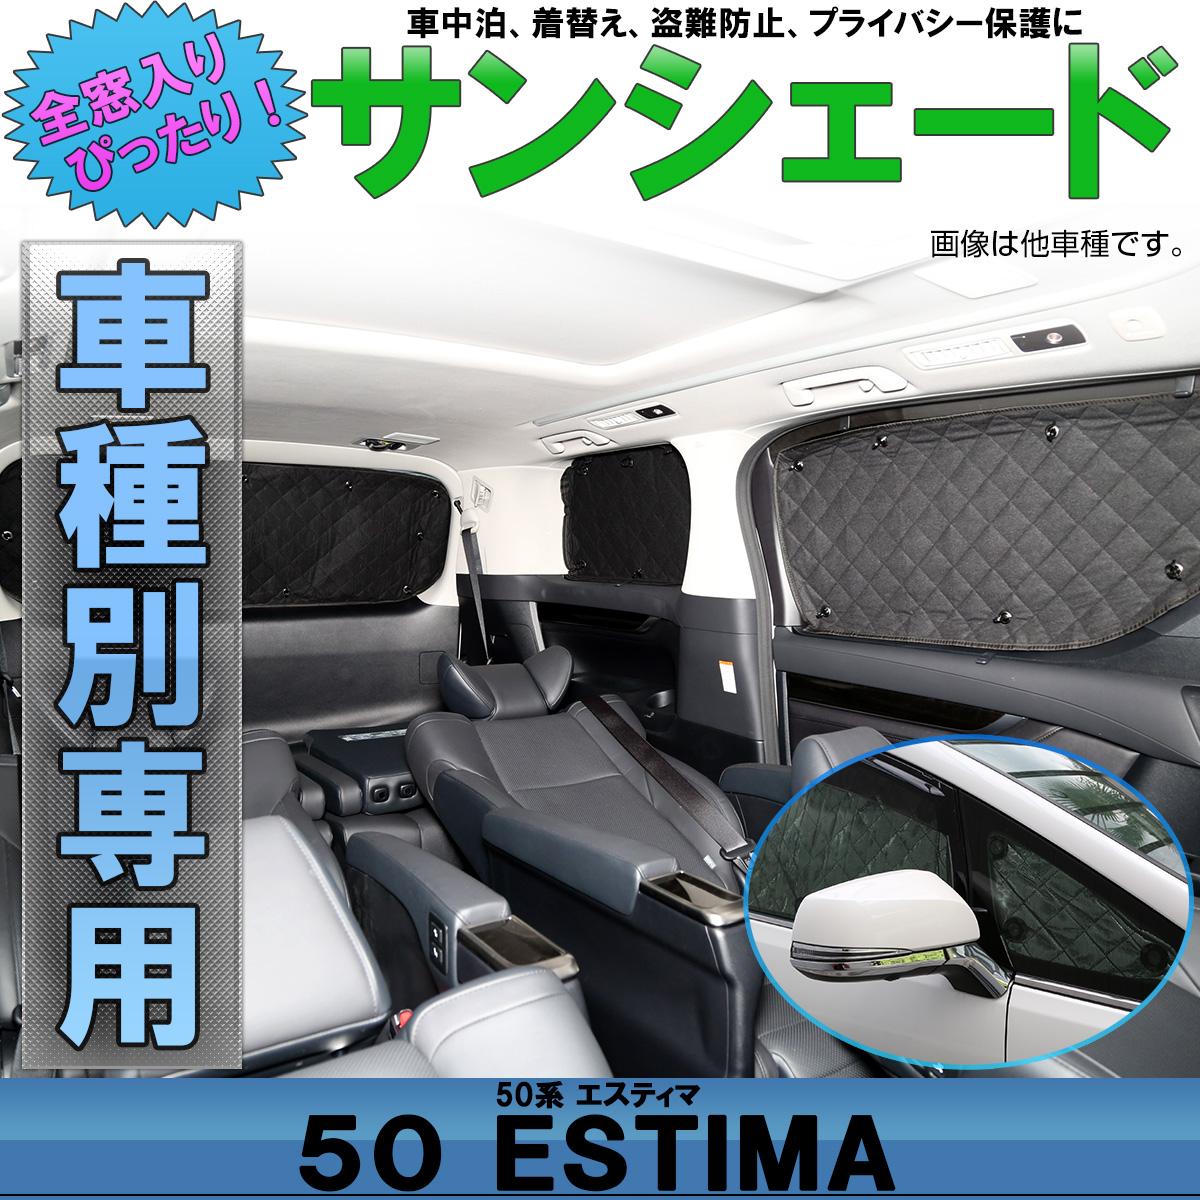 トヨタ 50系 エスティマ 専用設計 サンシェード 全窓用セット 5層構造 ブラックメッシュ 車中泊 プライバシー保護 S-646